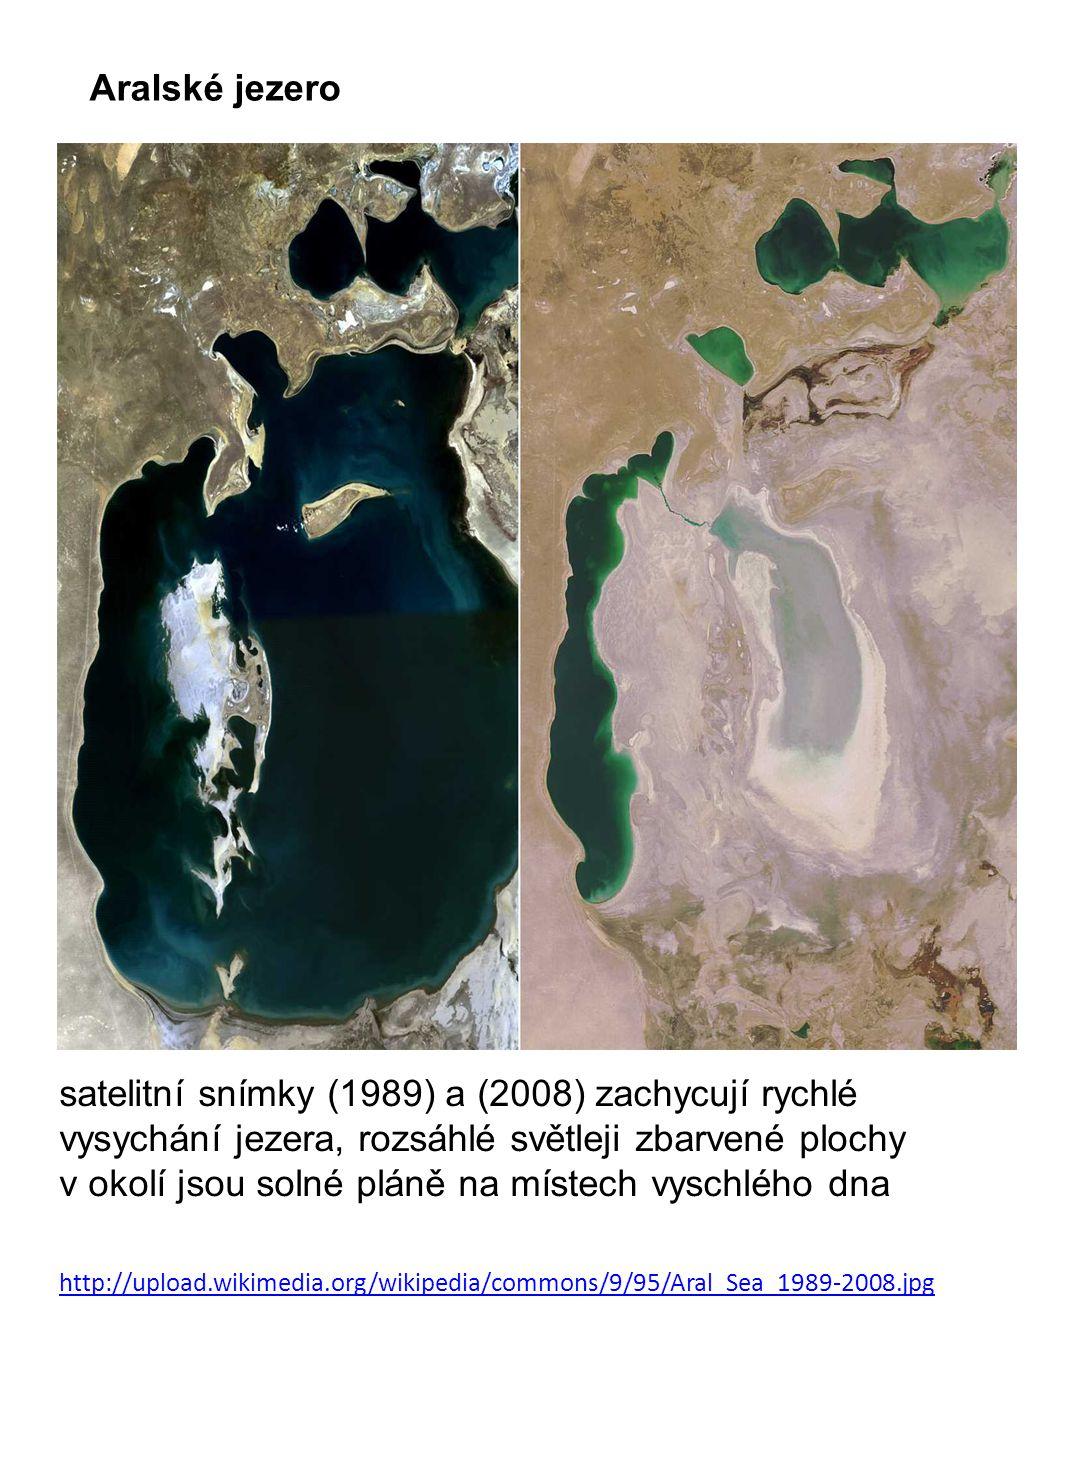 http://upload.wikimedia.org/wikipedia/commons/9/95/Aral_Sea_1989-2008.jpg satelitní snímky (1989) a (2008) zachycují rychlé vysychání jezera, rozsáhlé